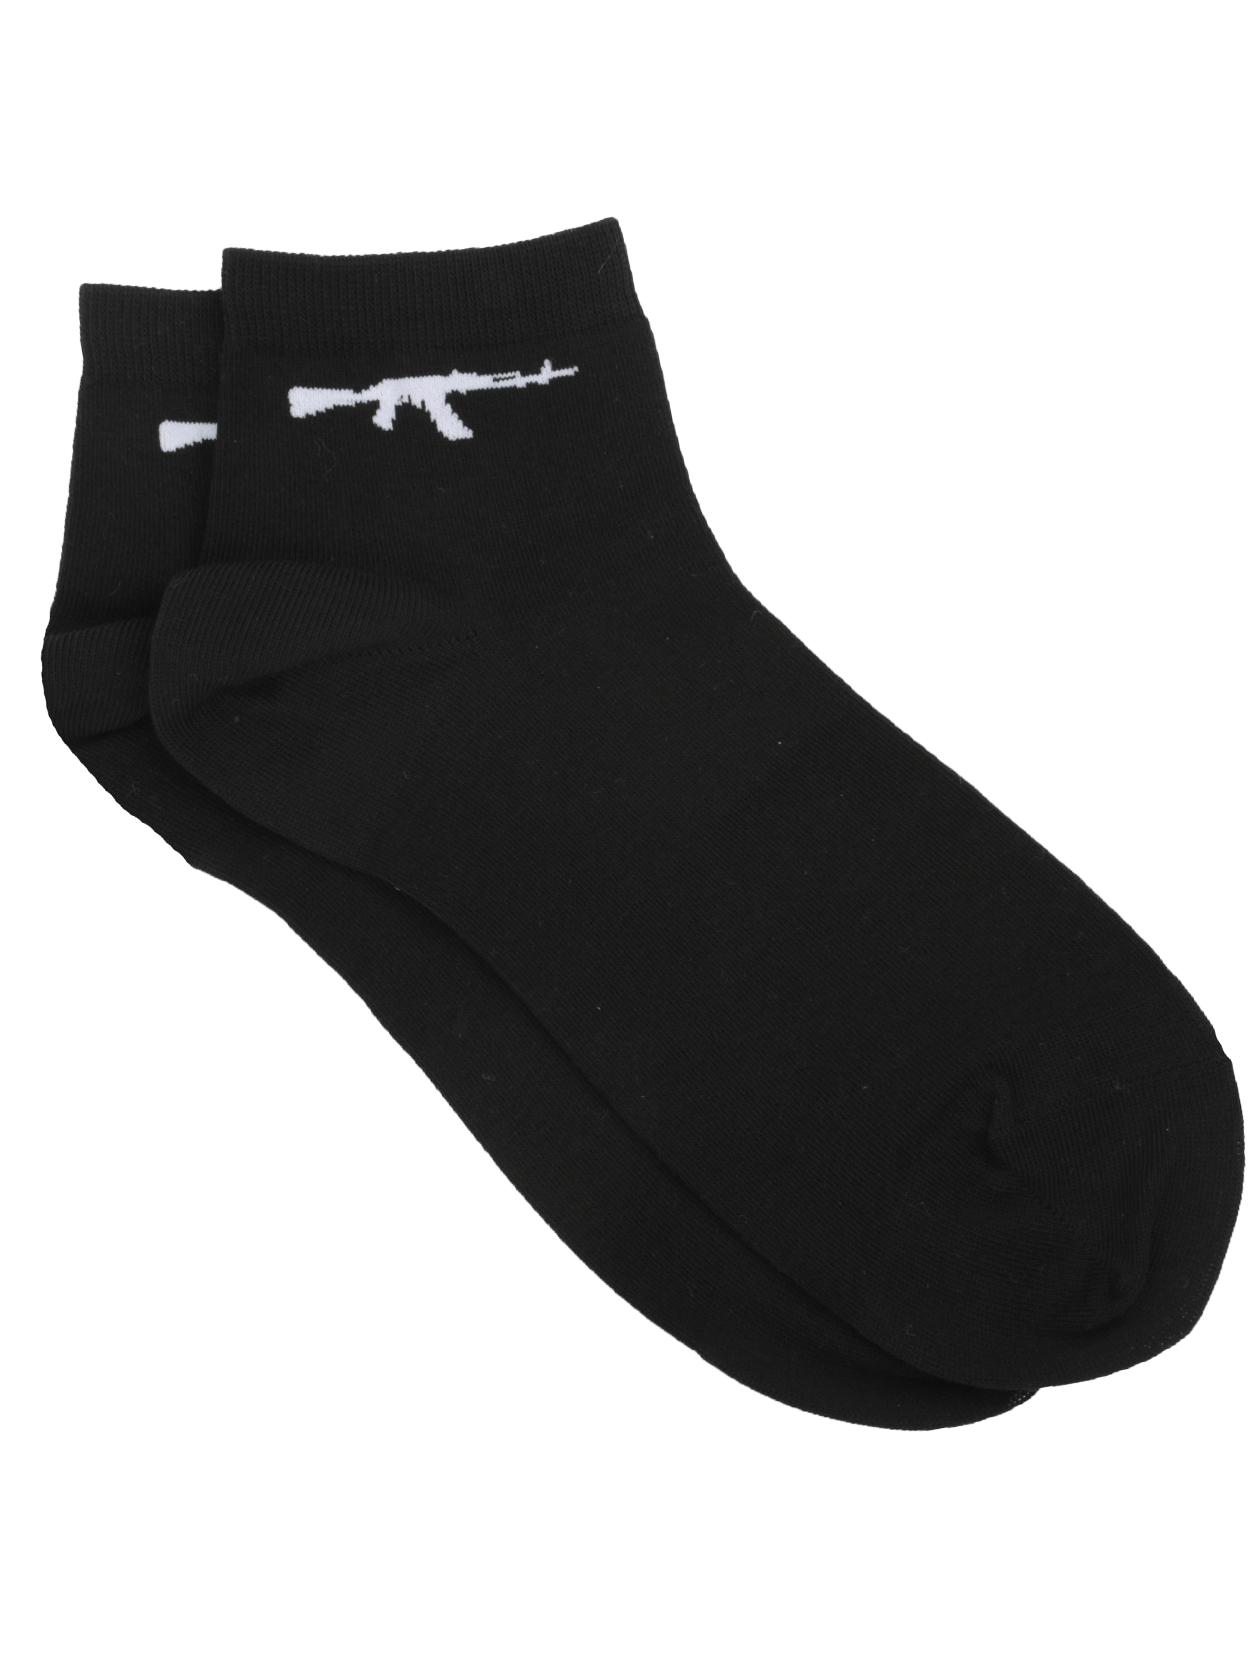 Носки унисекс GUN (2 шт)Комплект носков унисекс Gun из коллекции black Star Wear состоит из двух пар. Модель выполнена в базовой черной расцветке. По краю короткого голенища эластичная окантовка. По бокам стильный принт белого цвета с изображением автомата. Изделие сшито из высококачественного бленда 100% хлопка, отличается практичностью и износостойкостью. Незаменимая вещь в гардеробе активных людей по выгодной цене.<br><br>Размер: 36/38<br>Цвет: Черный/Белый<br>Пол: Унисекс